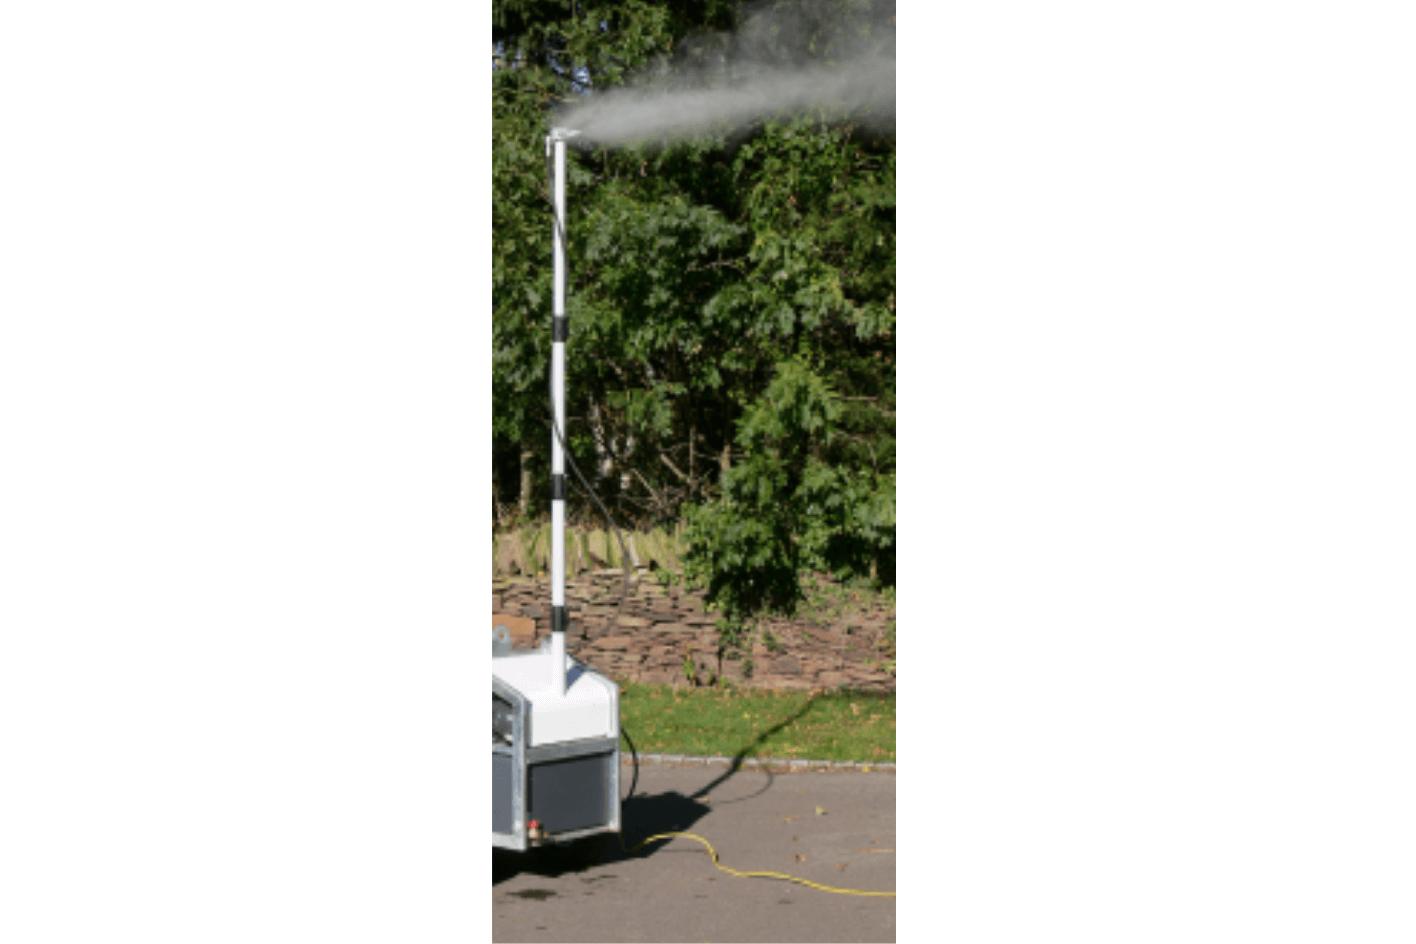 Dustex Hydra Mist Dust Water Suppression Australia